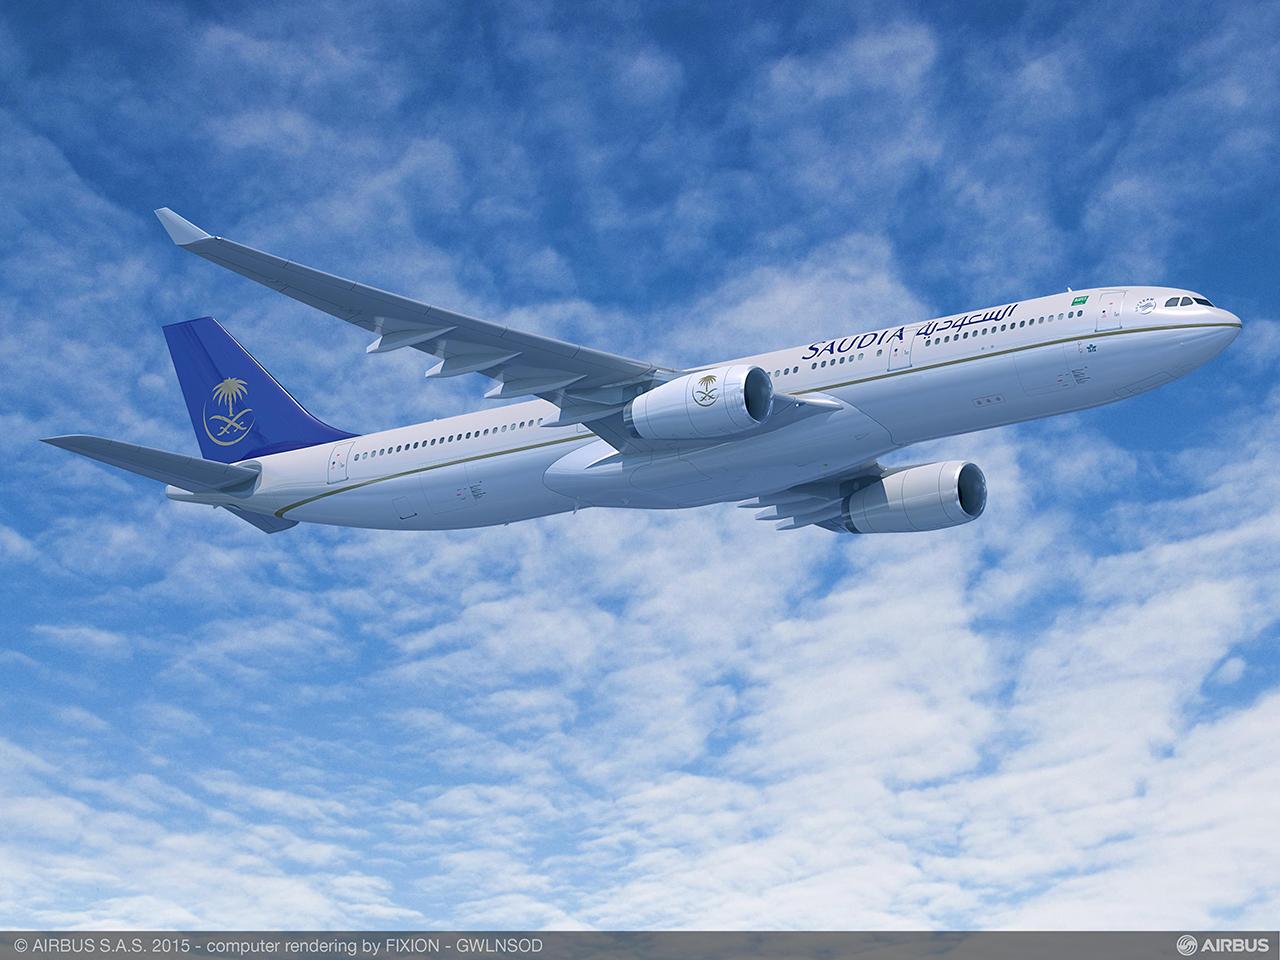 Így fog kinézni a Saudia Airbus A330-300 Regional repülőgépe, kívülről nincs szemmel látható különbség a jelenlegi modellhez képest. Grafika: Airbus | © AIRportal.hu